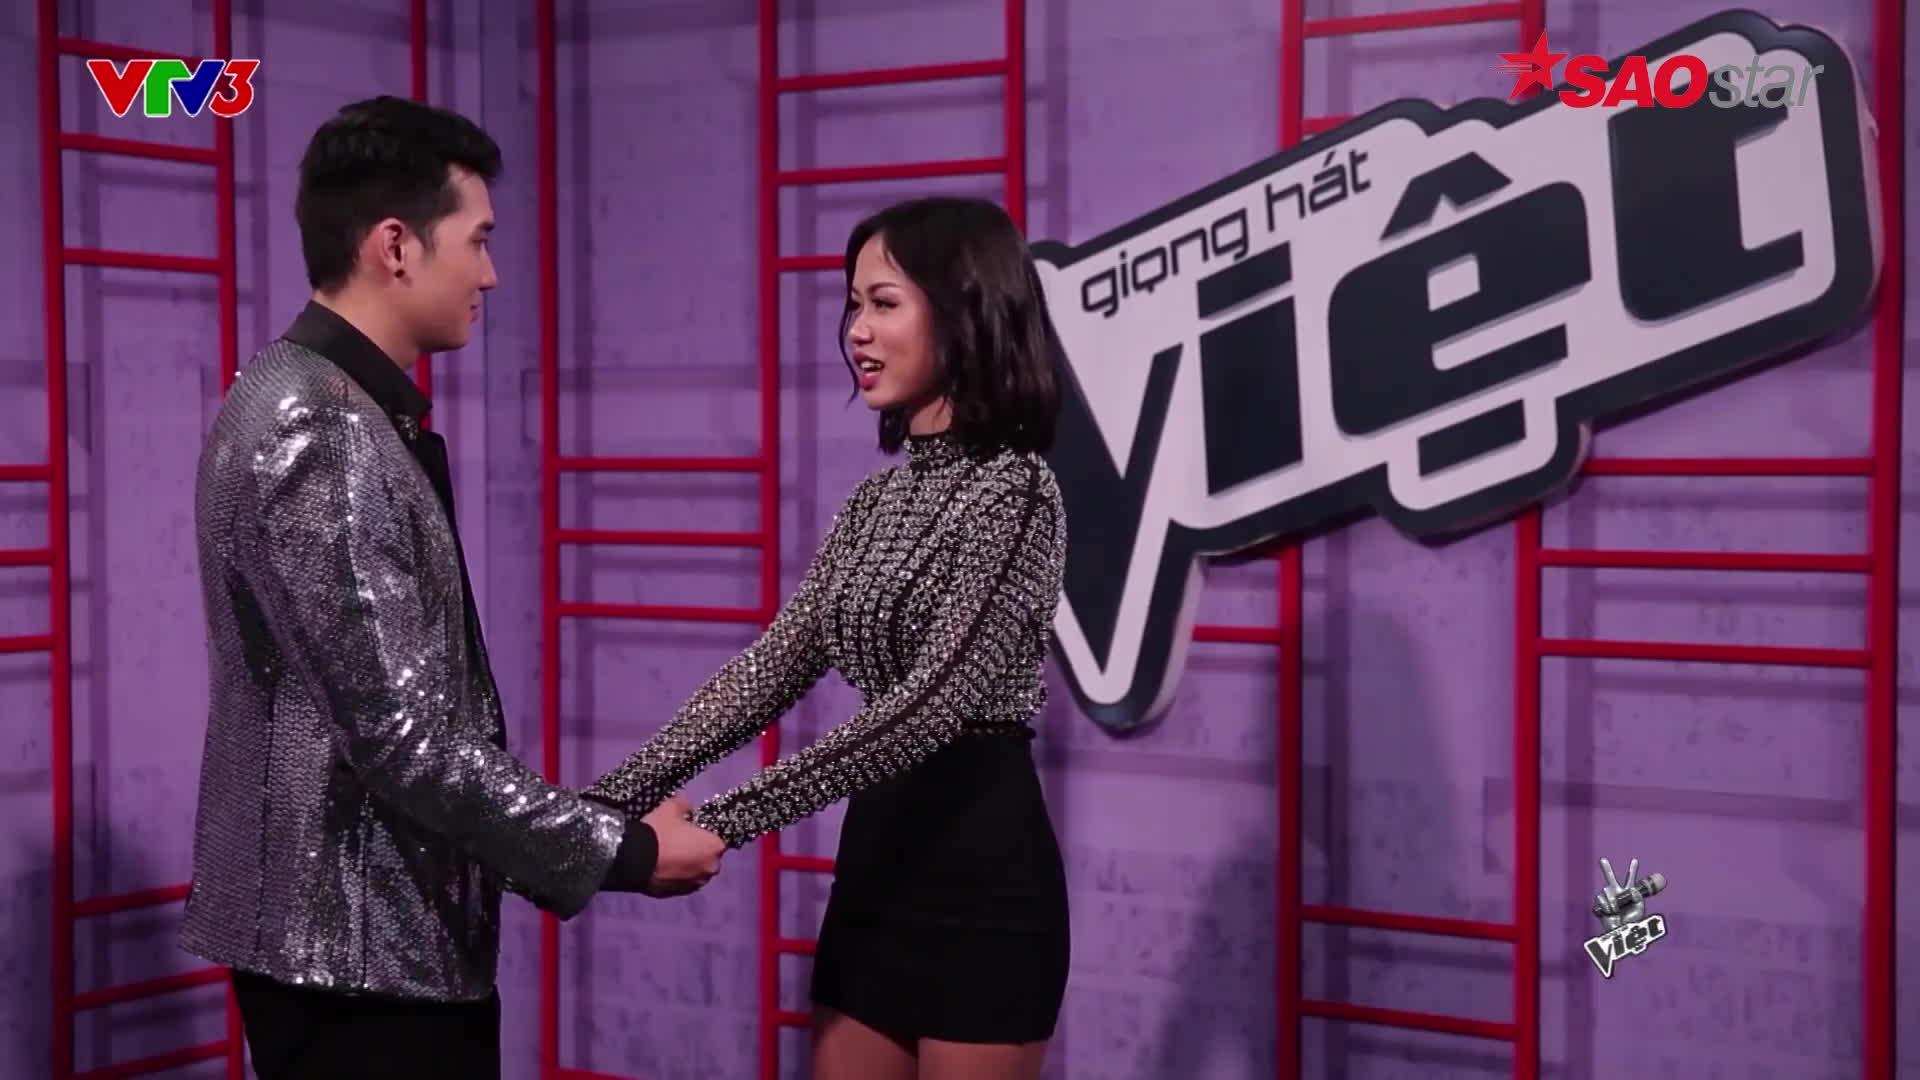 Cặp đôi học trò Thu Minh tại The Voice tình tứ từ sân khấu đến ngoài đời thế này đây!